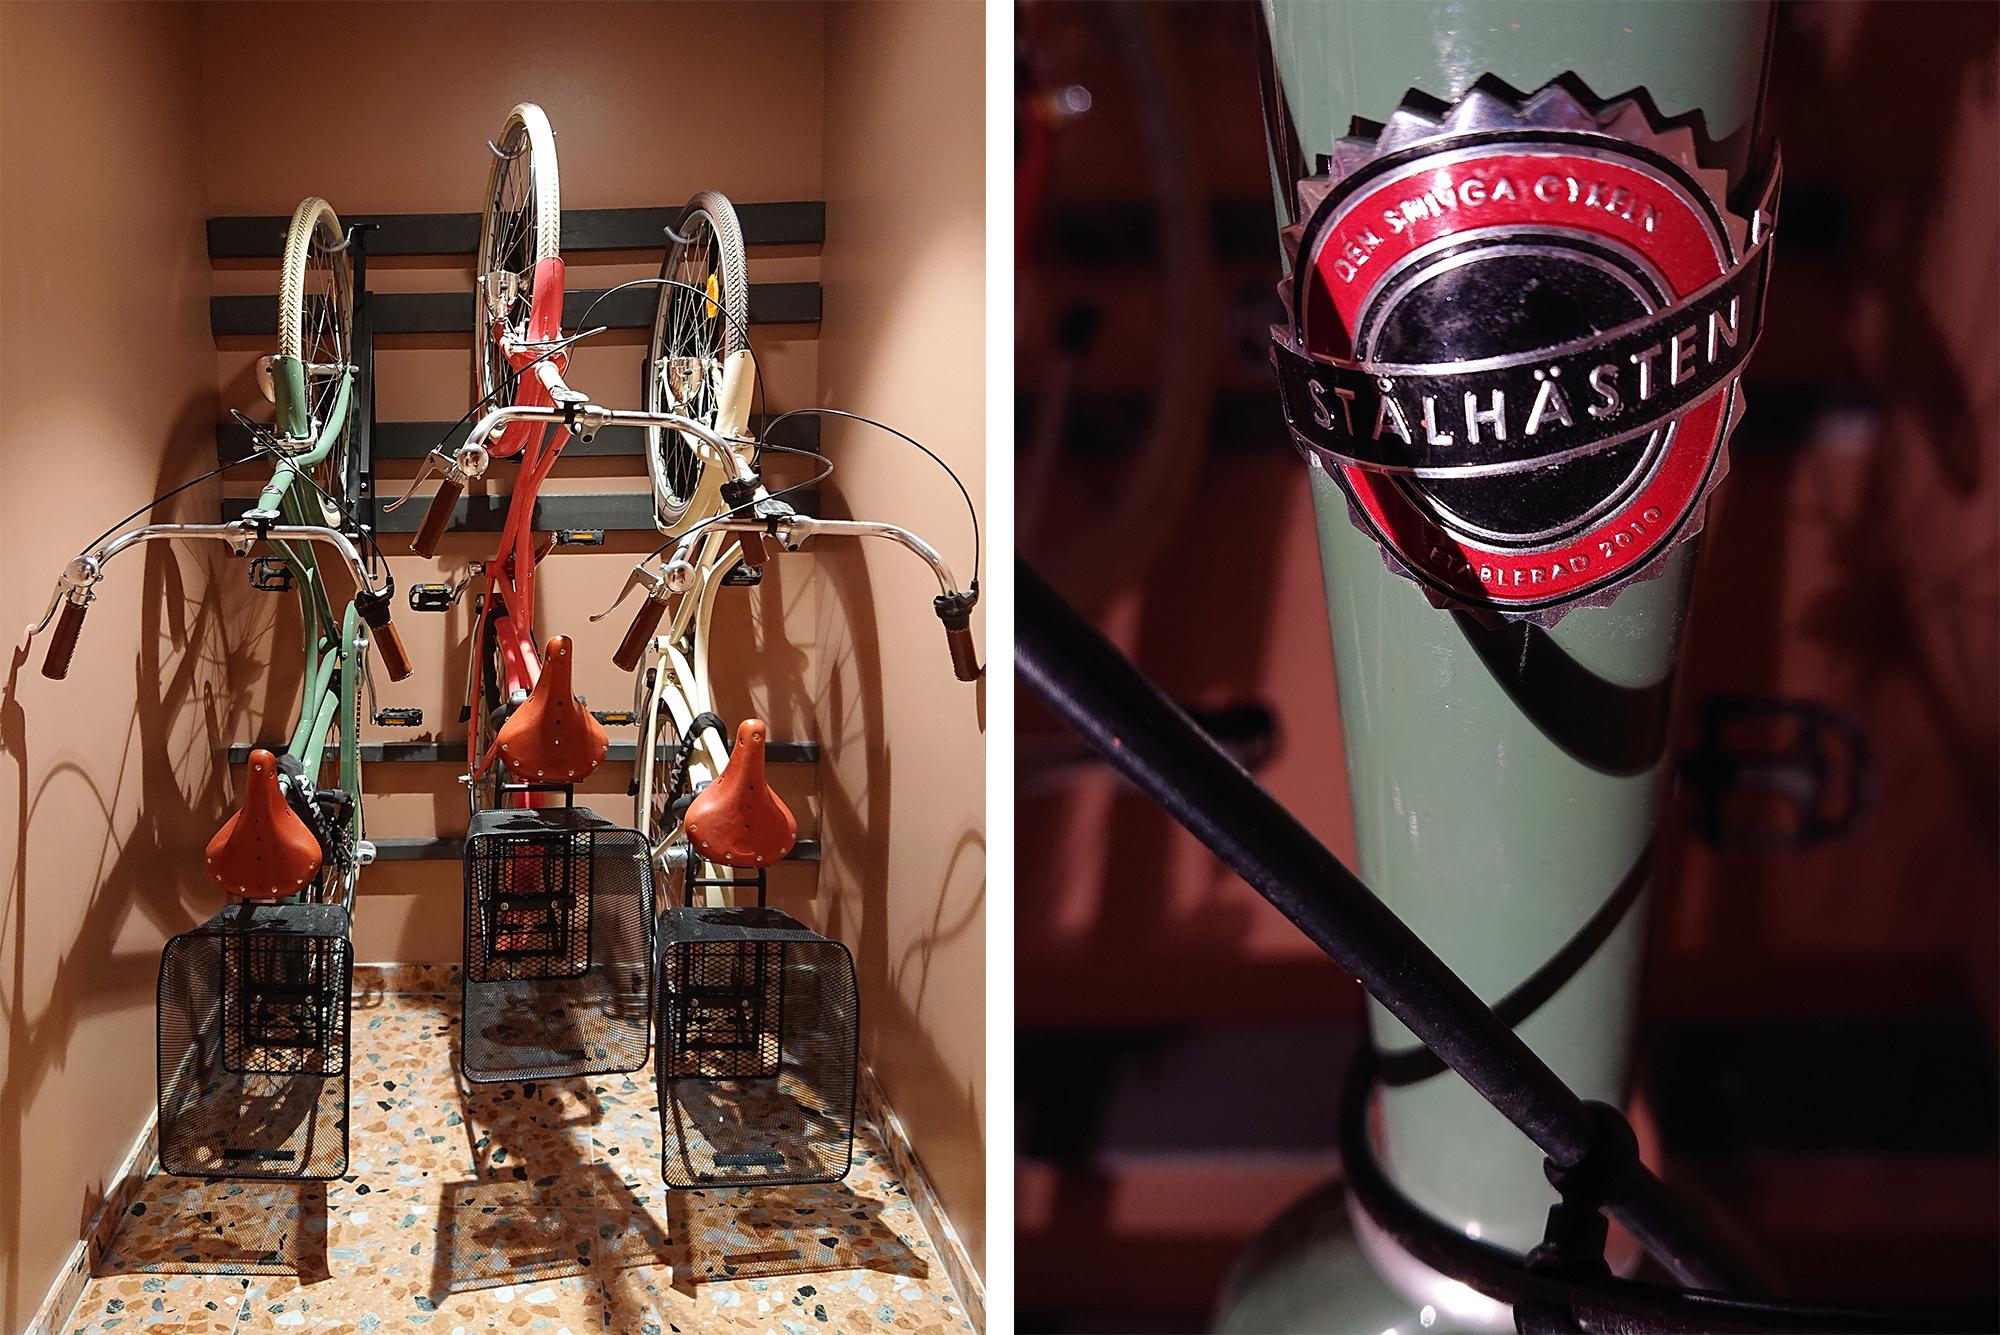 Smart upphängning till cyklarna. Dessa är dessutom lånecyklar.